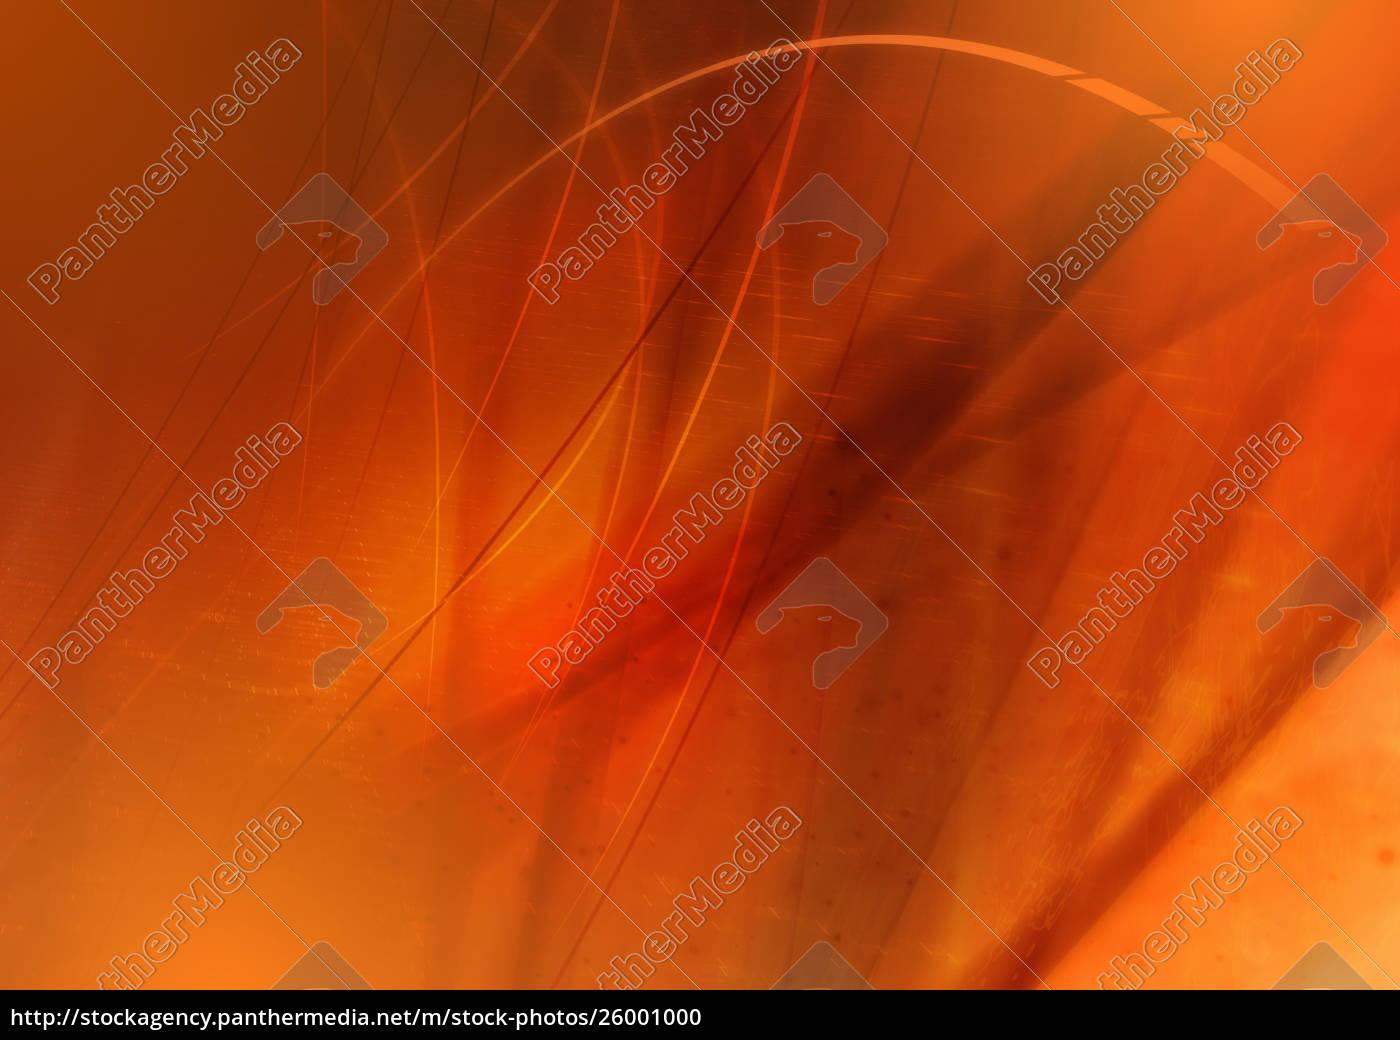 abstraktes, bild, von, orangefarbenen, wirbelnden, linien - 26001000